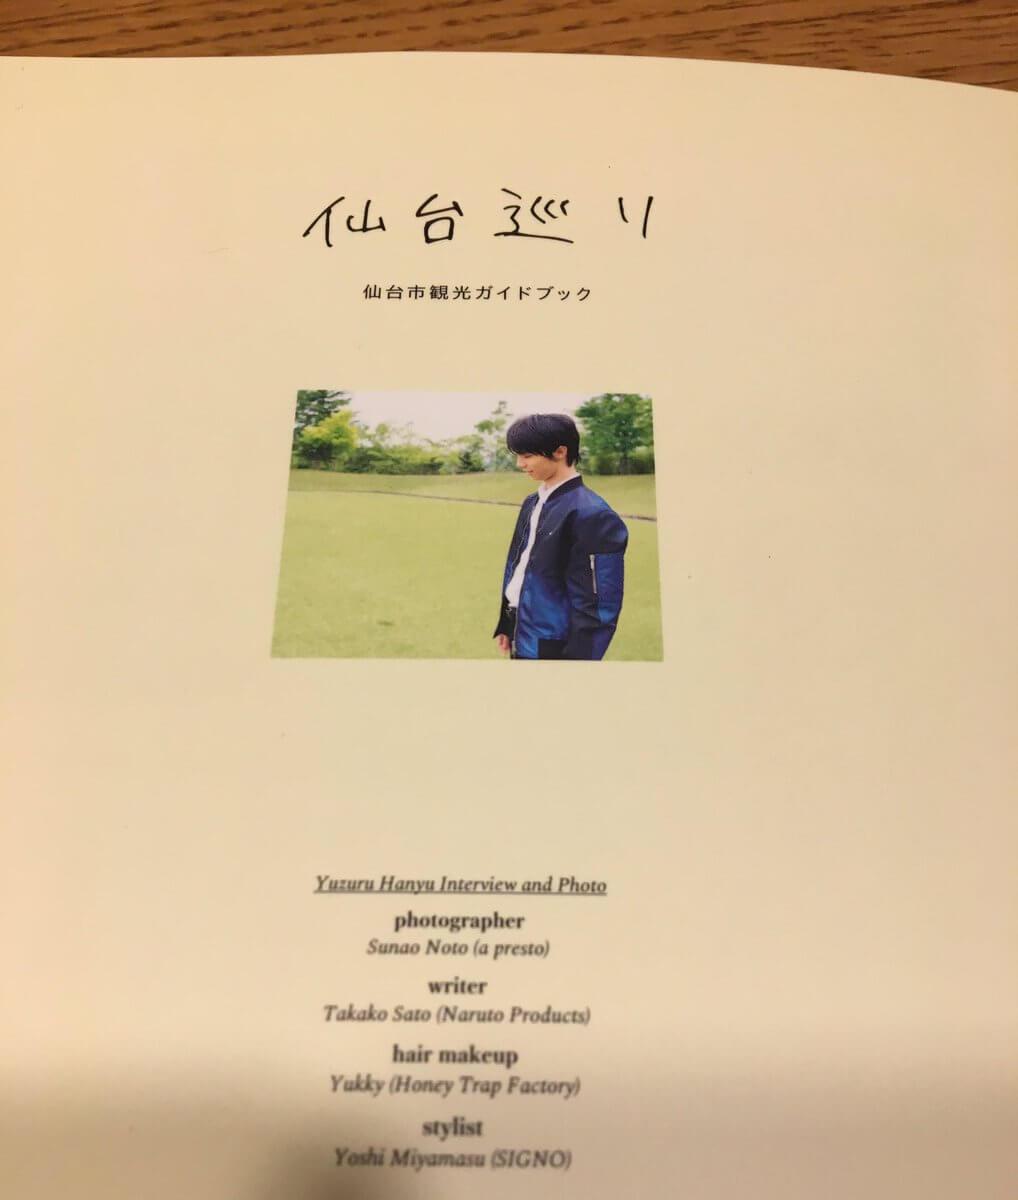 仙台市観光ガイドブック「仙台巡り」の羽生結弦が神すぎると話題に。仙台に行かないと・・・